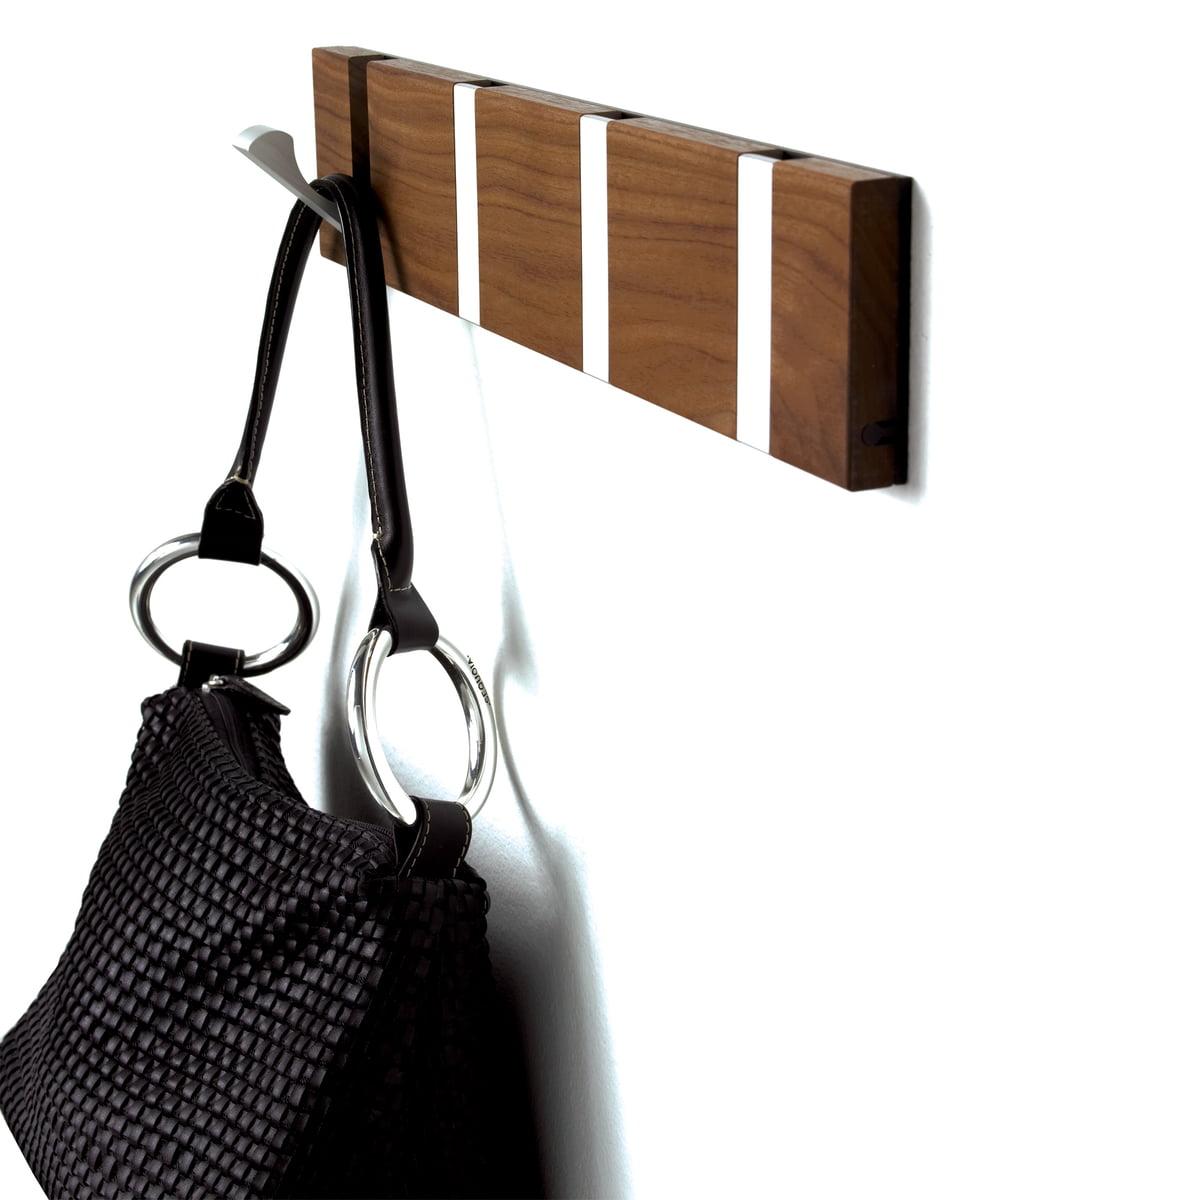 knax 4 von loca im shop kaufen. Black Bedroom Furniture Sets. Home Design Ideas